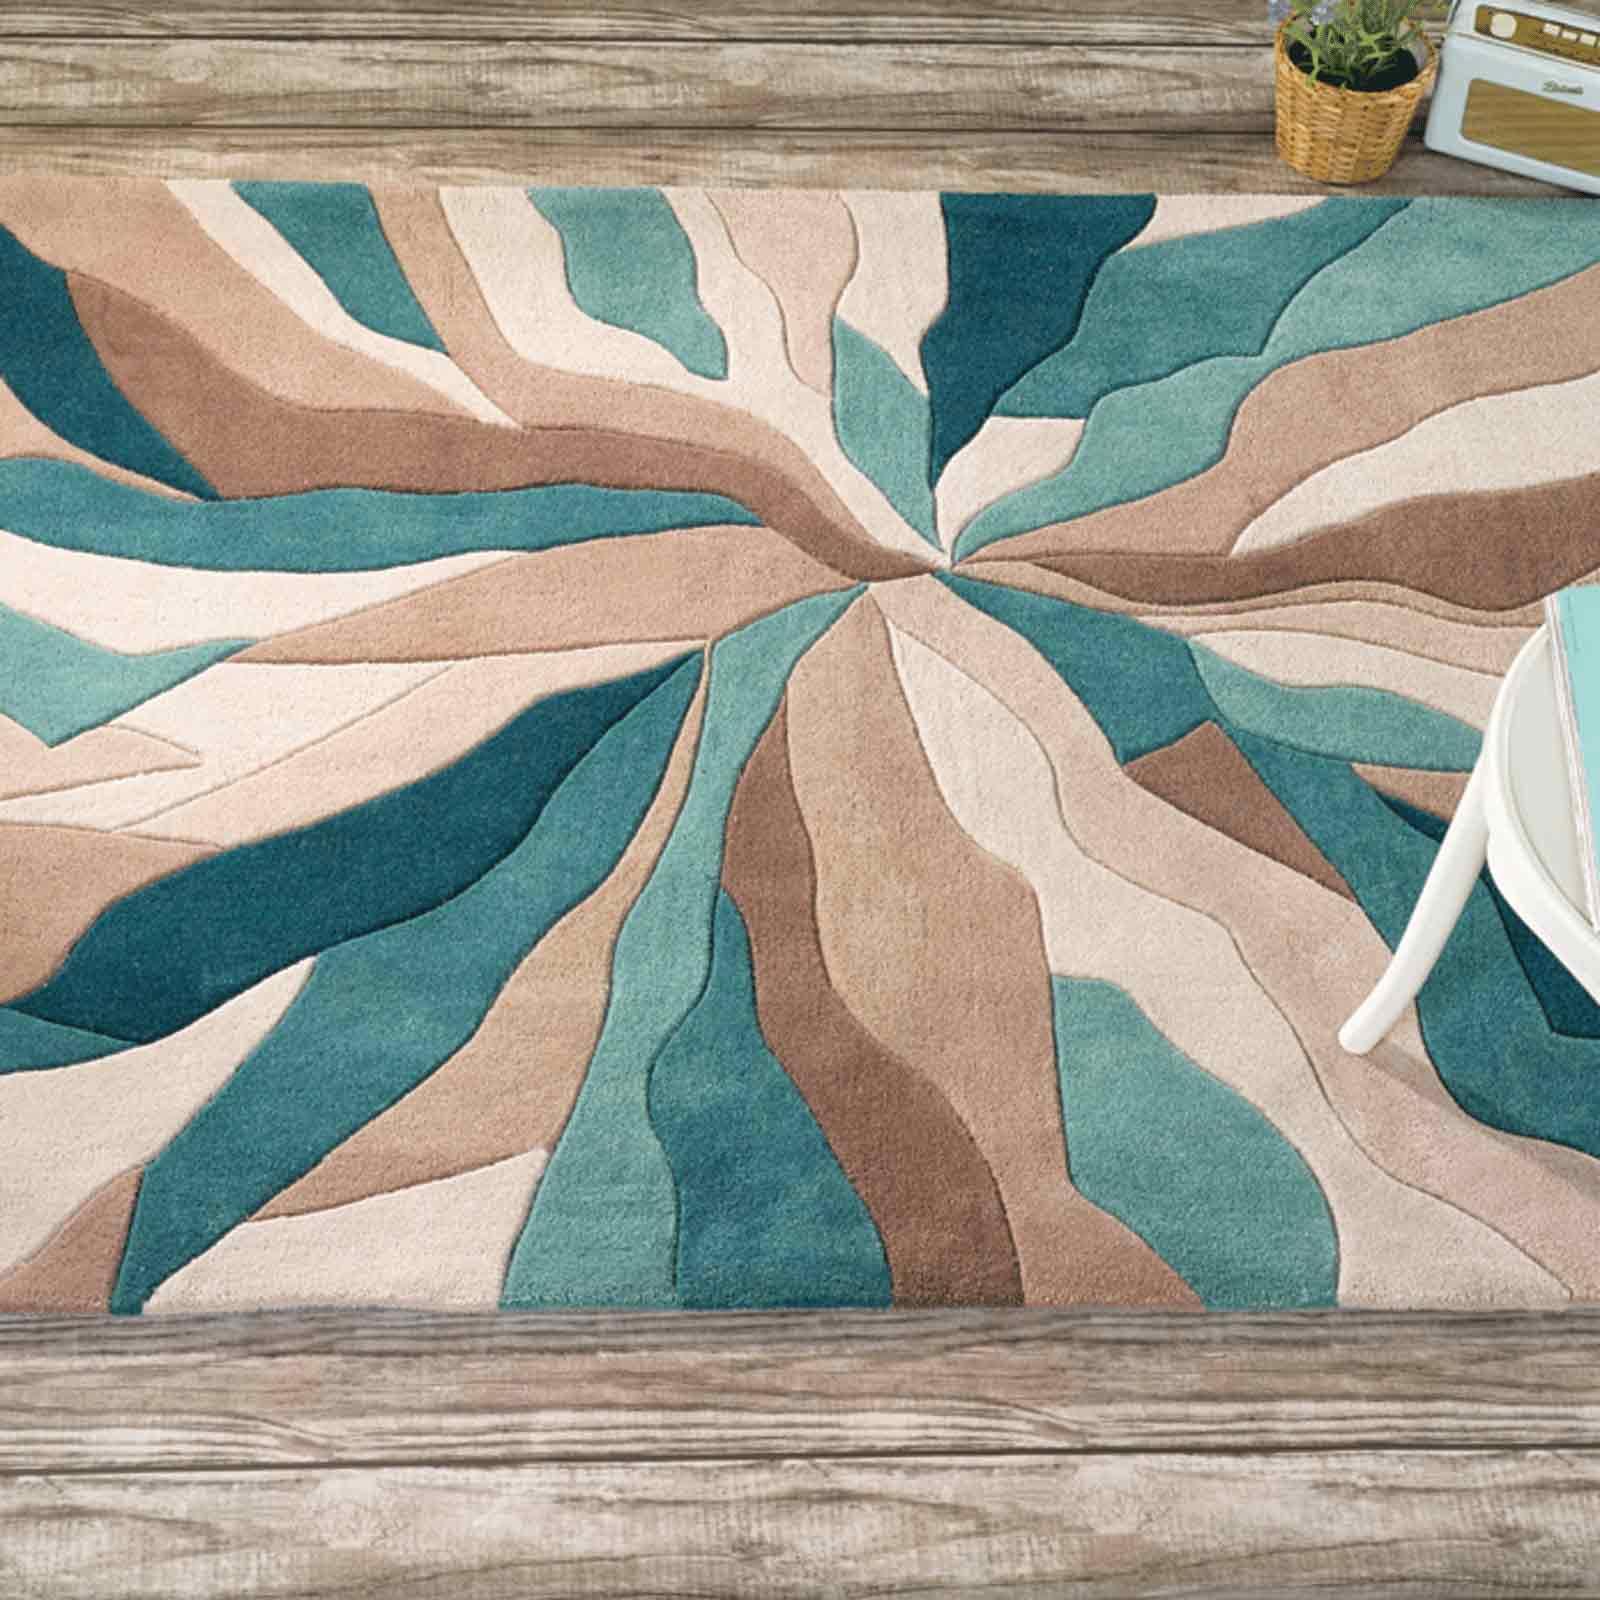 teal rugs infinite splinter rugs in teal FRHHSYP